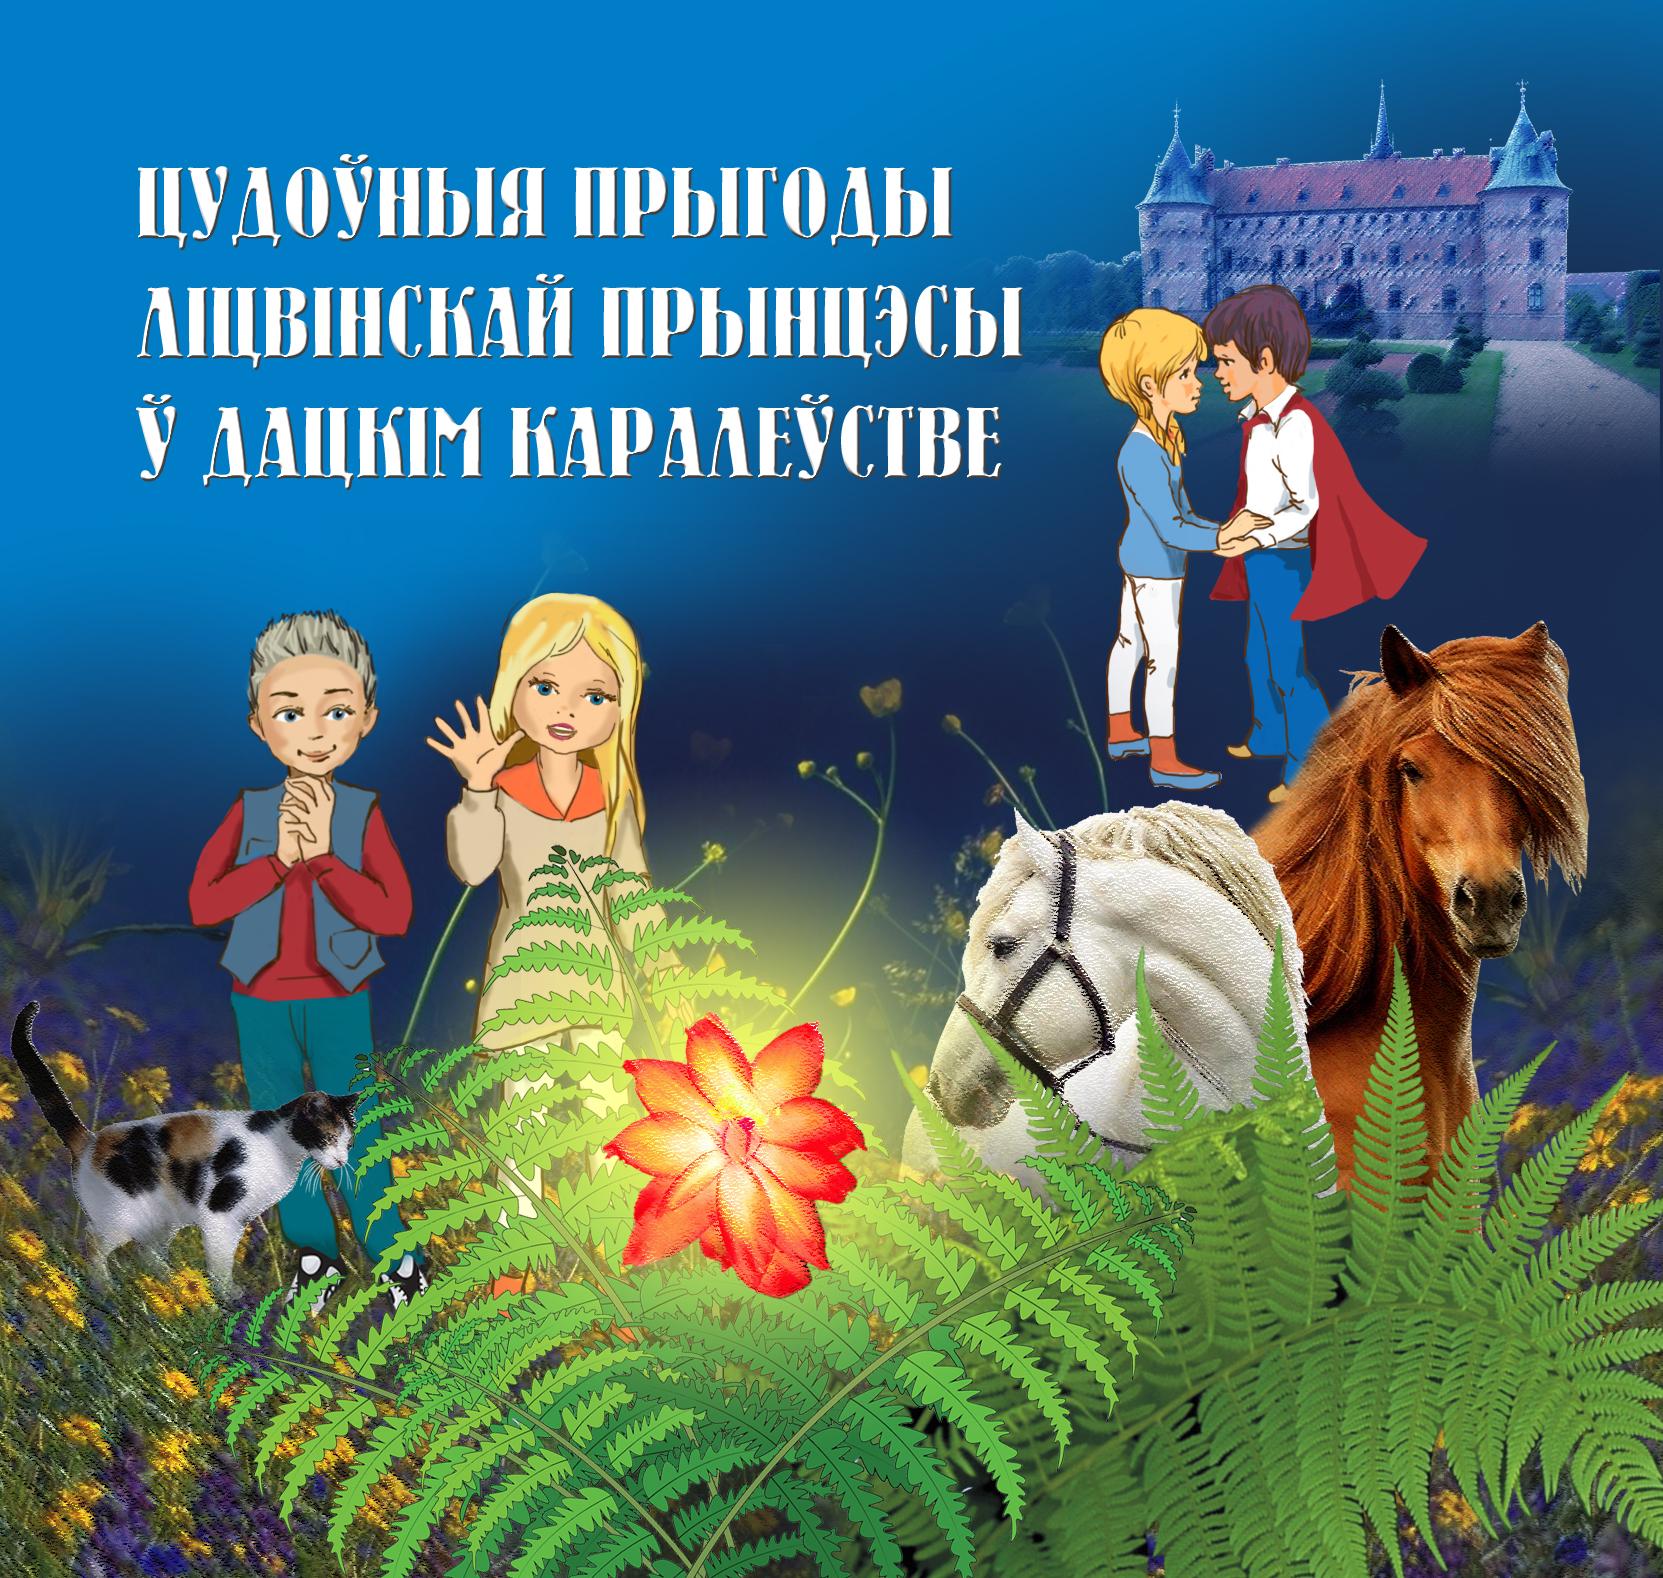 Тост на беларускай мове 79